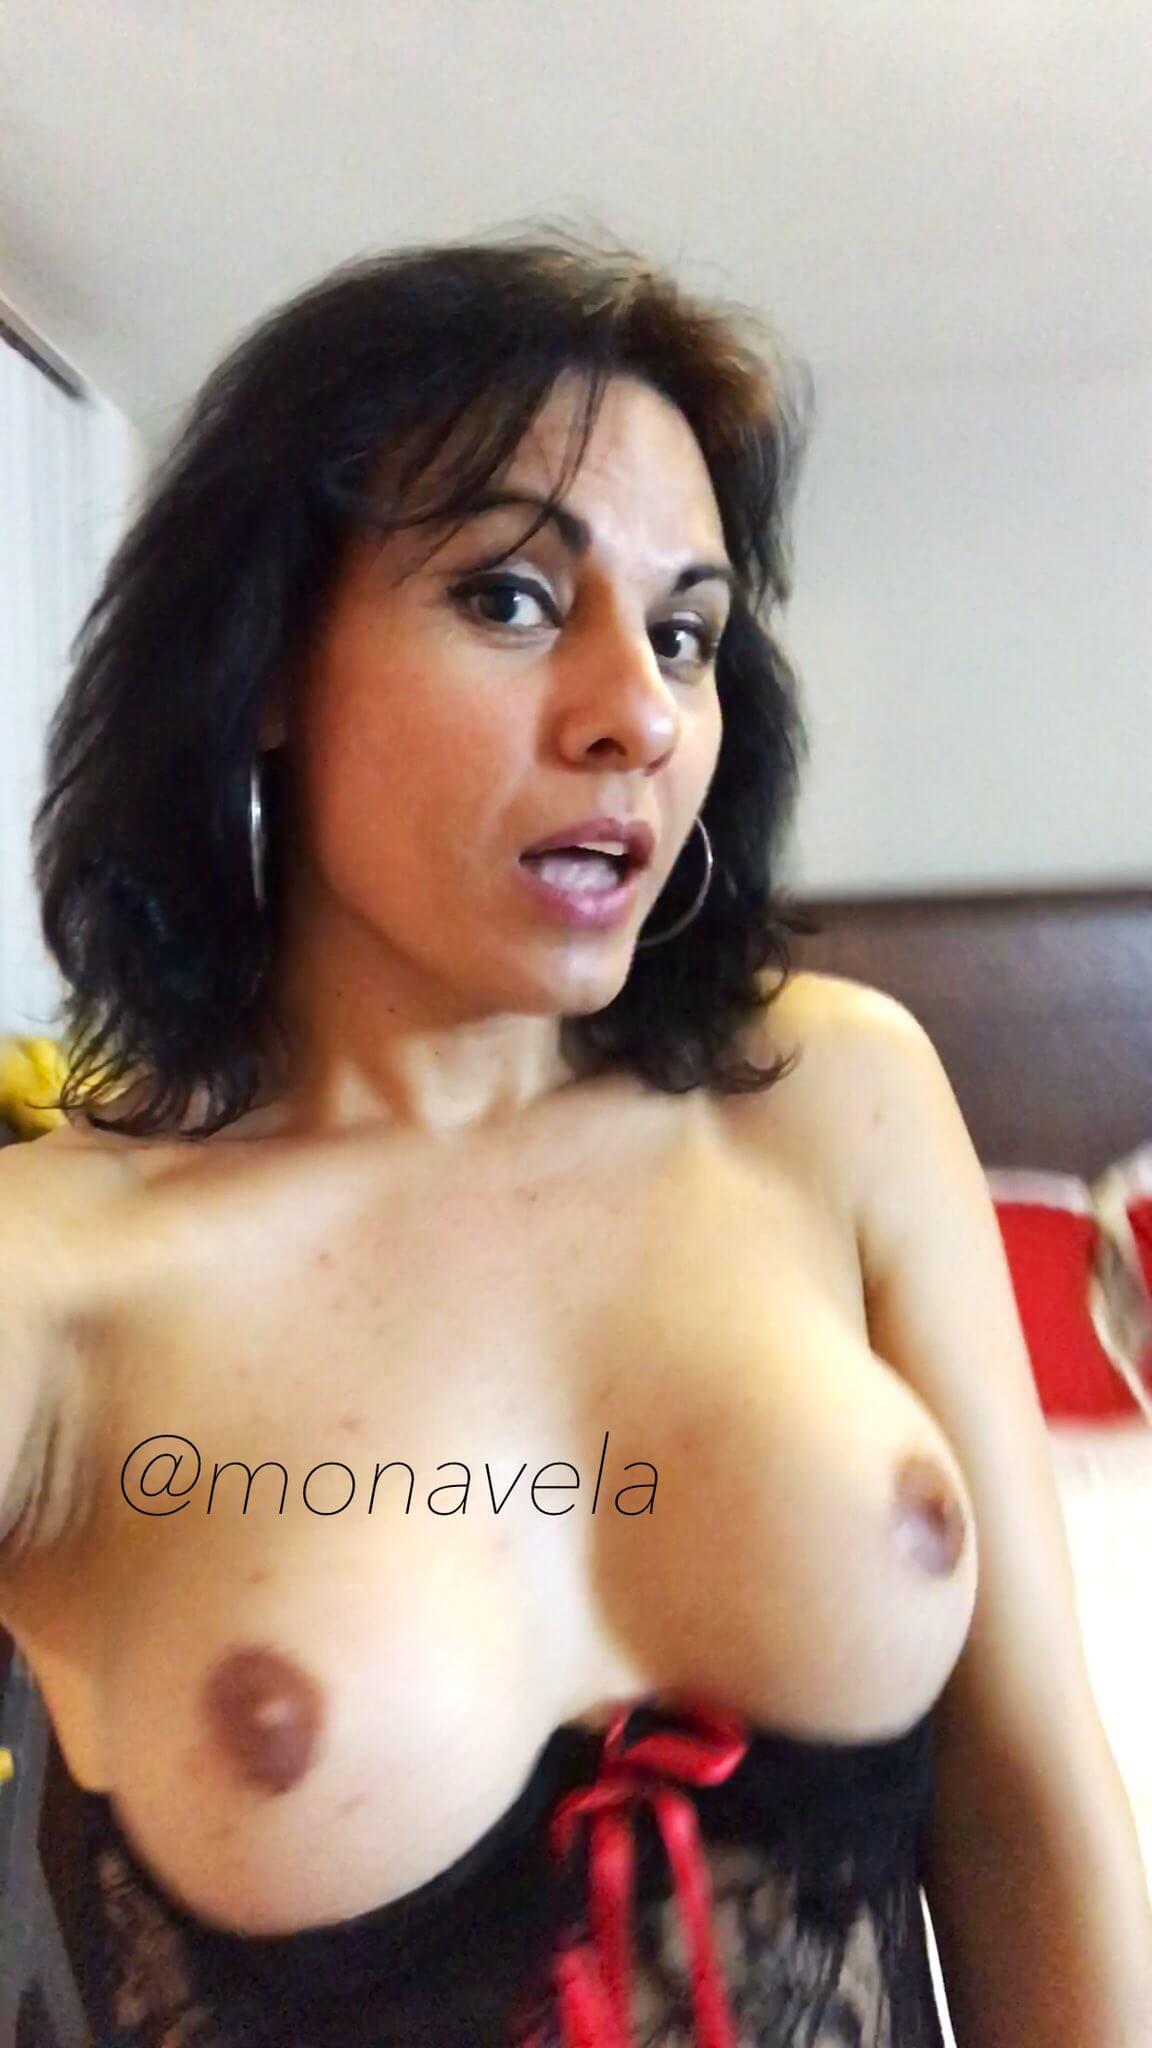 monavela show webcam